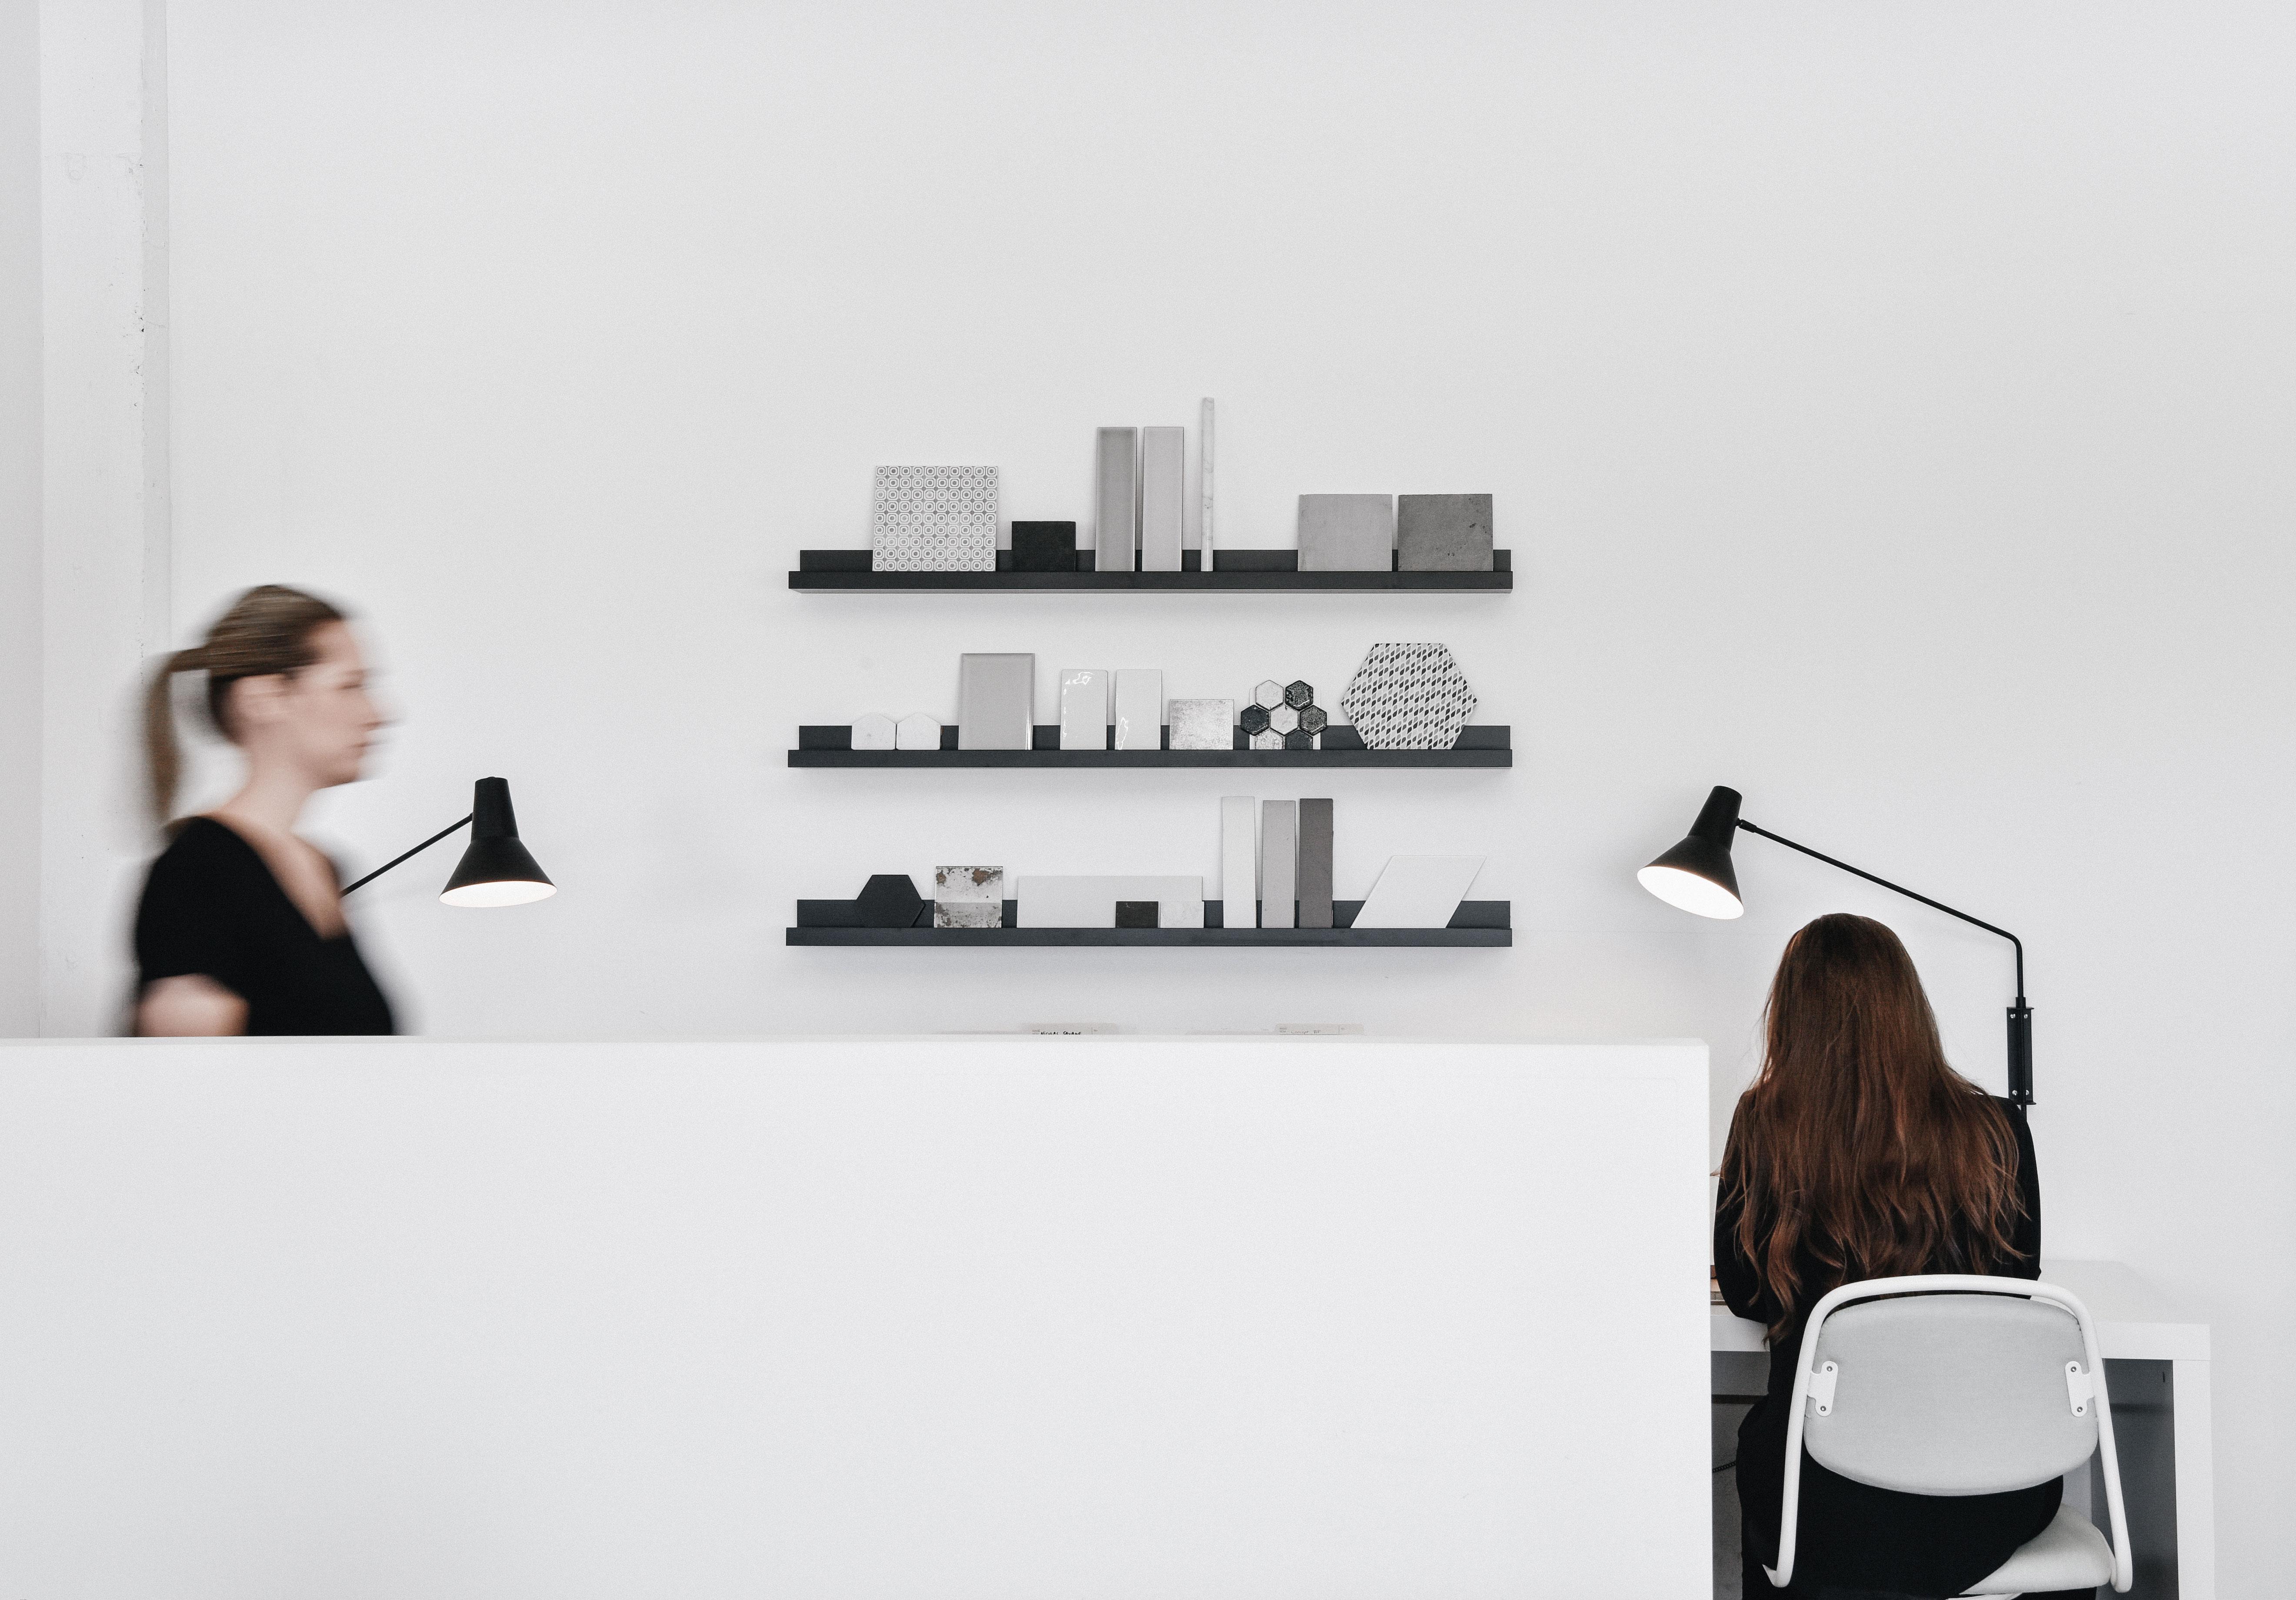 Bureau LT intérieurs